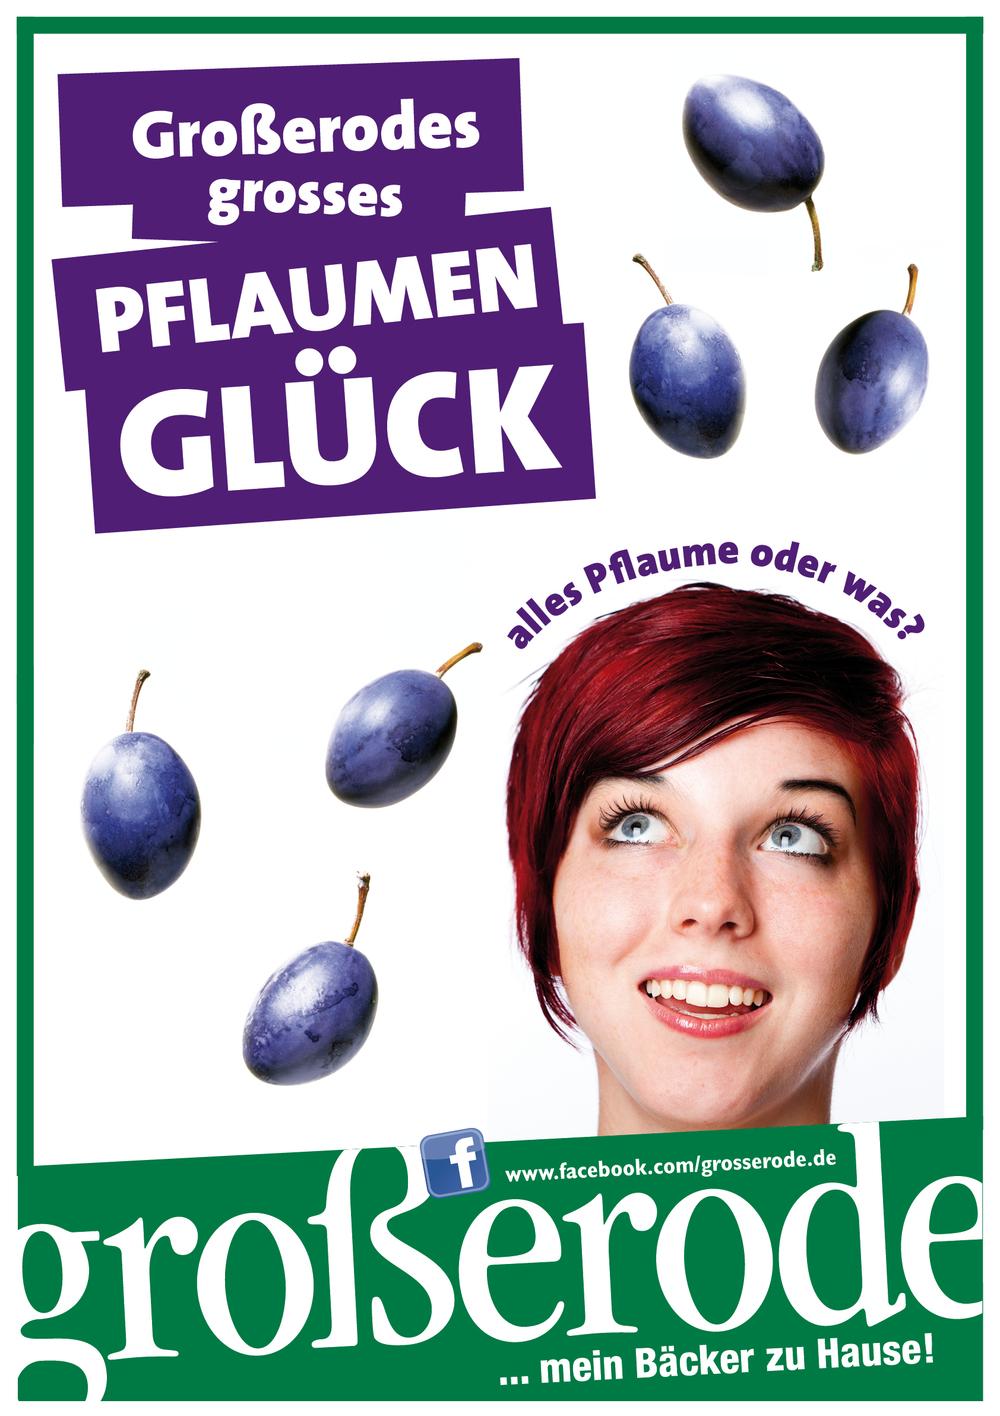 20150709_Grosserode_Pflaumenaktion_Web.jpg